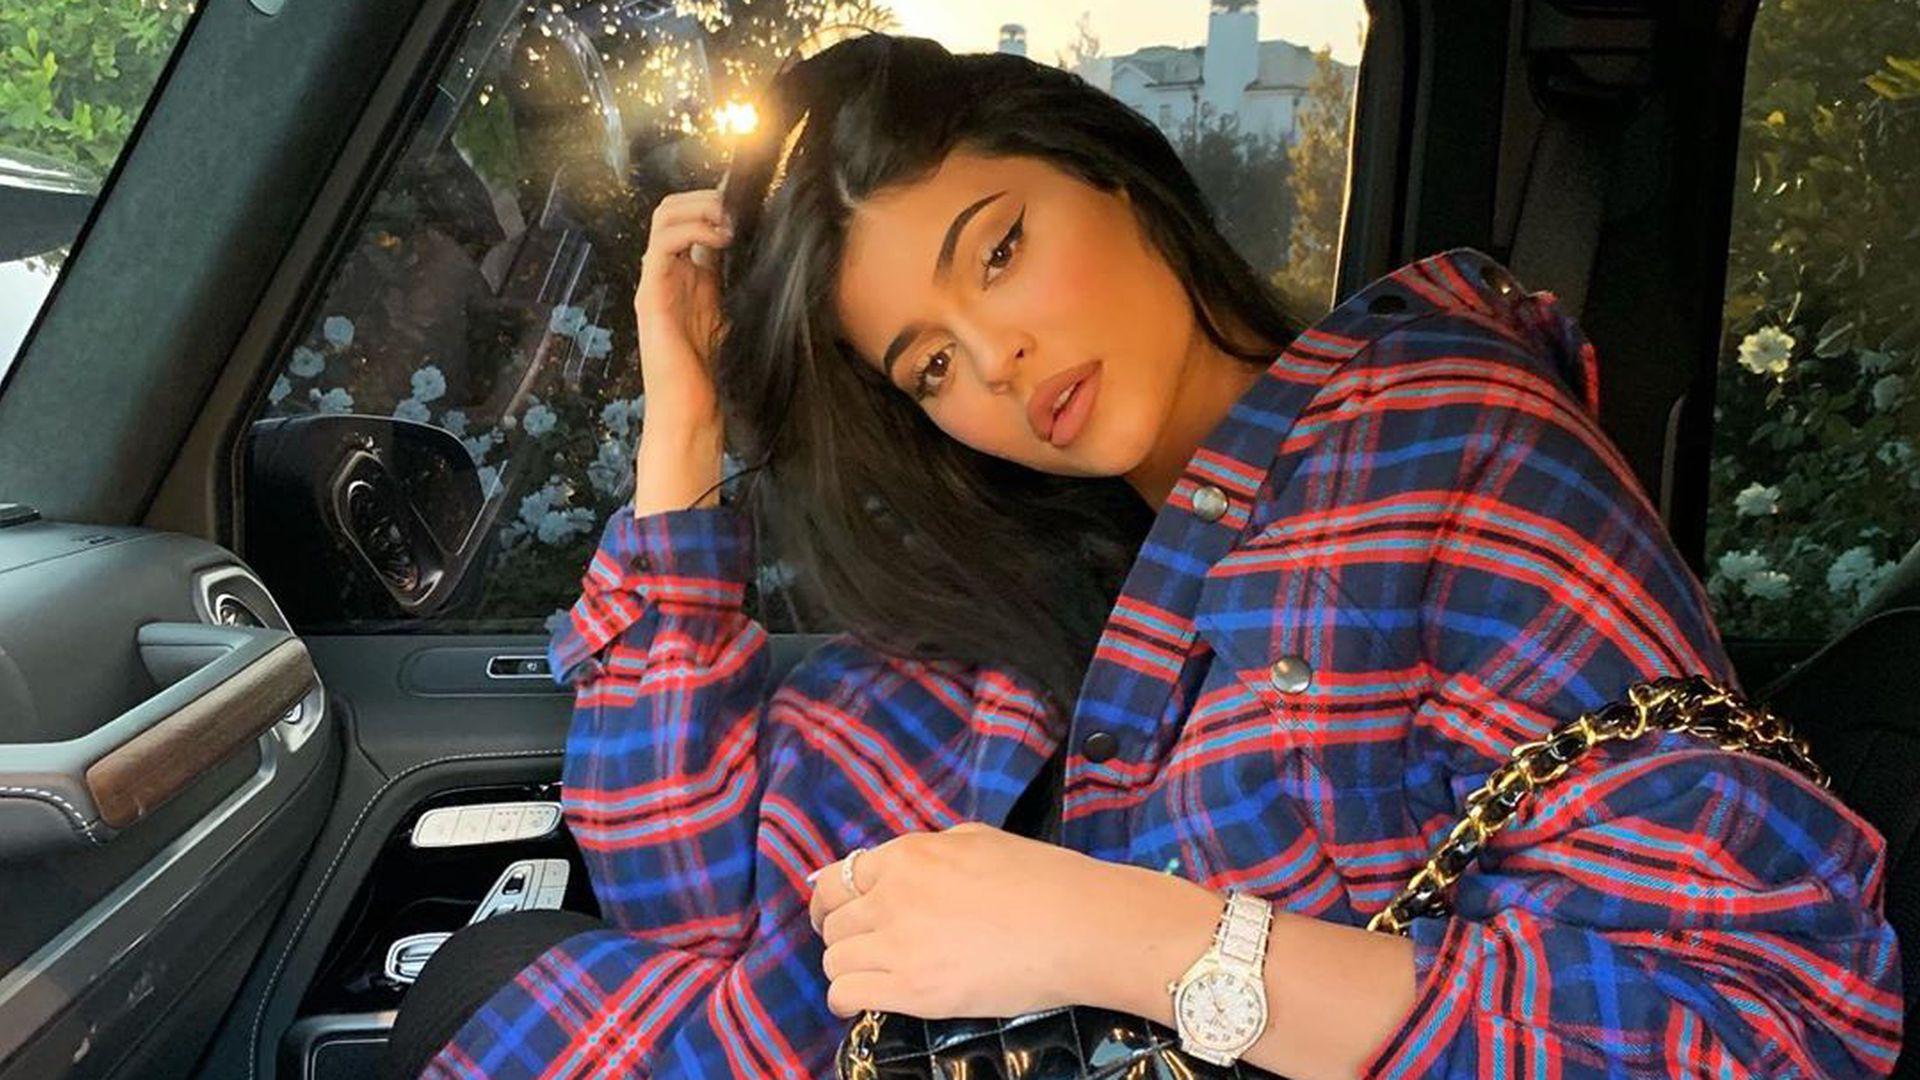 Kellnerin berechnet Kylie Jenner ein kleines Trinkgeld!